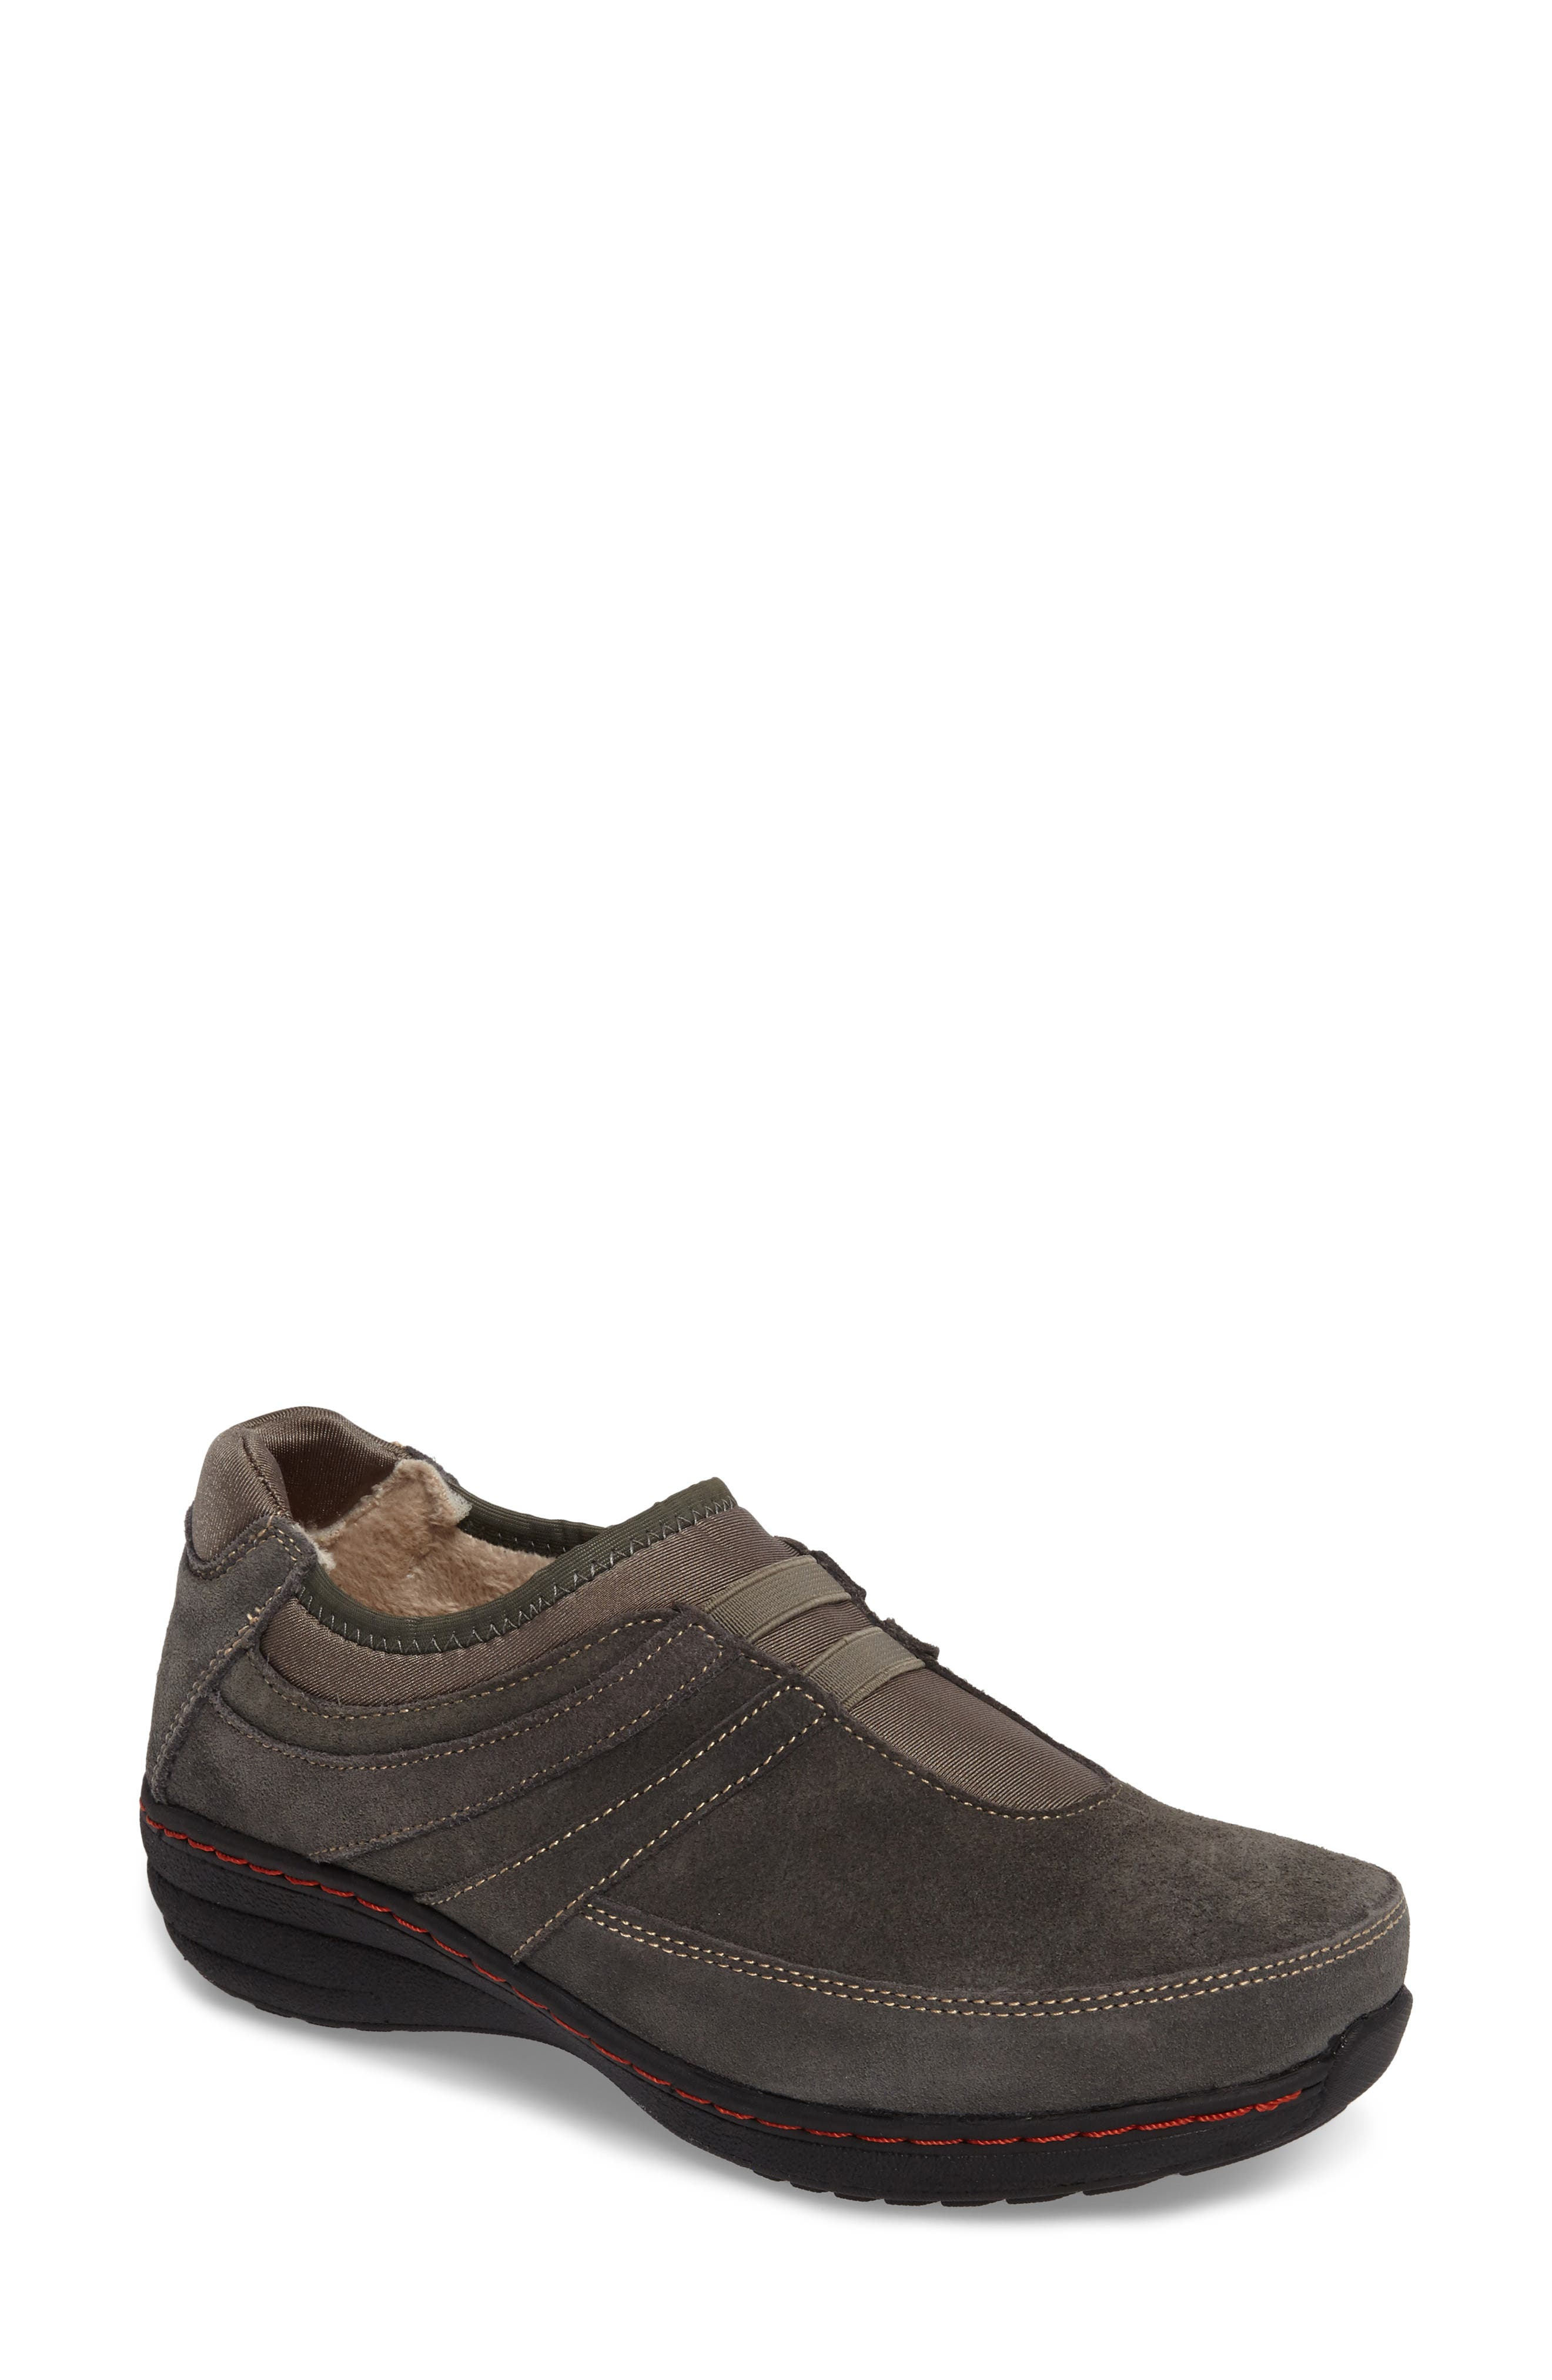 Aetrex Berries Slip-On Sneaker